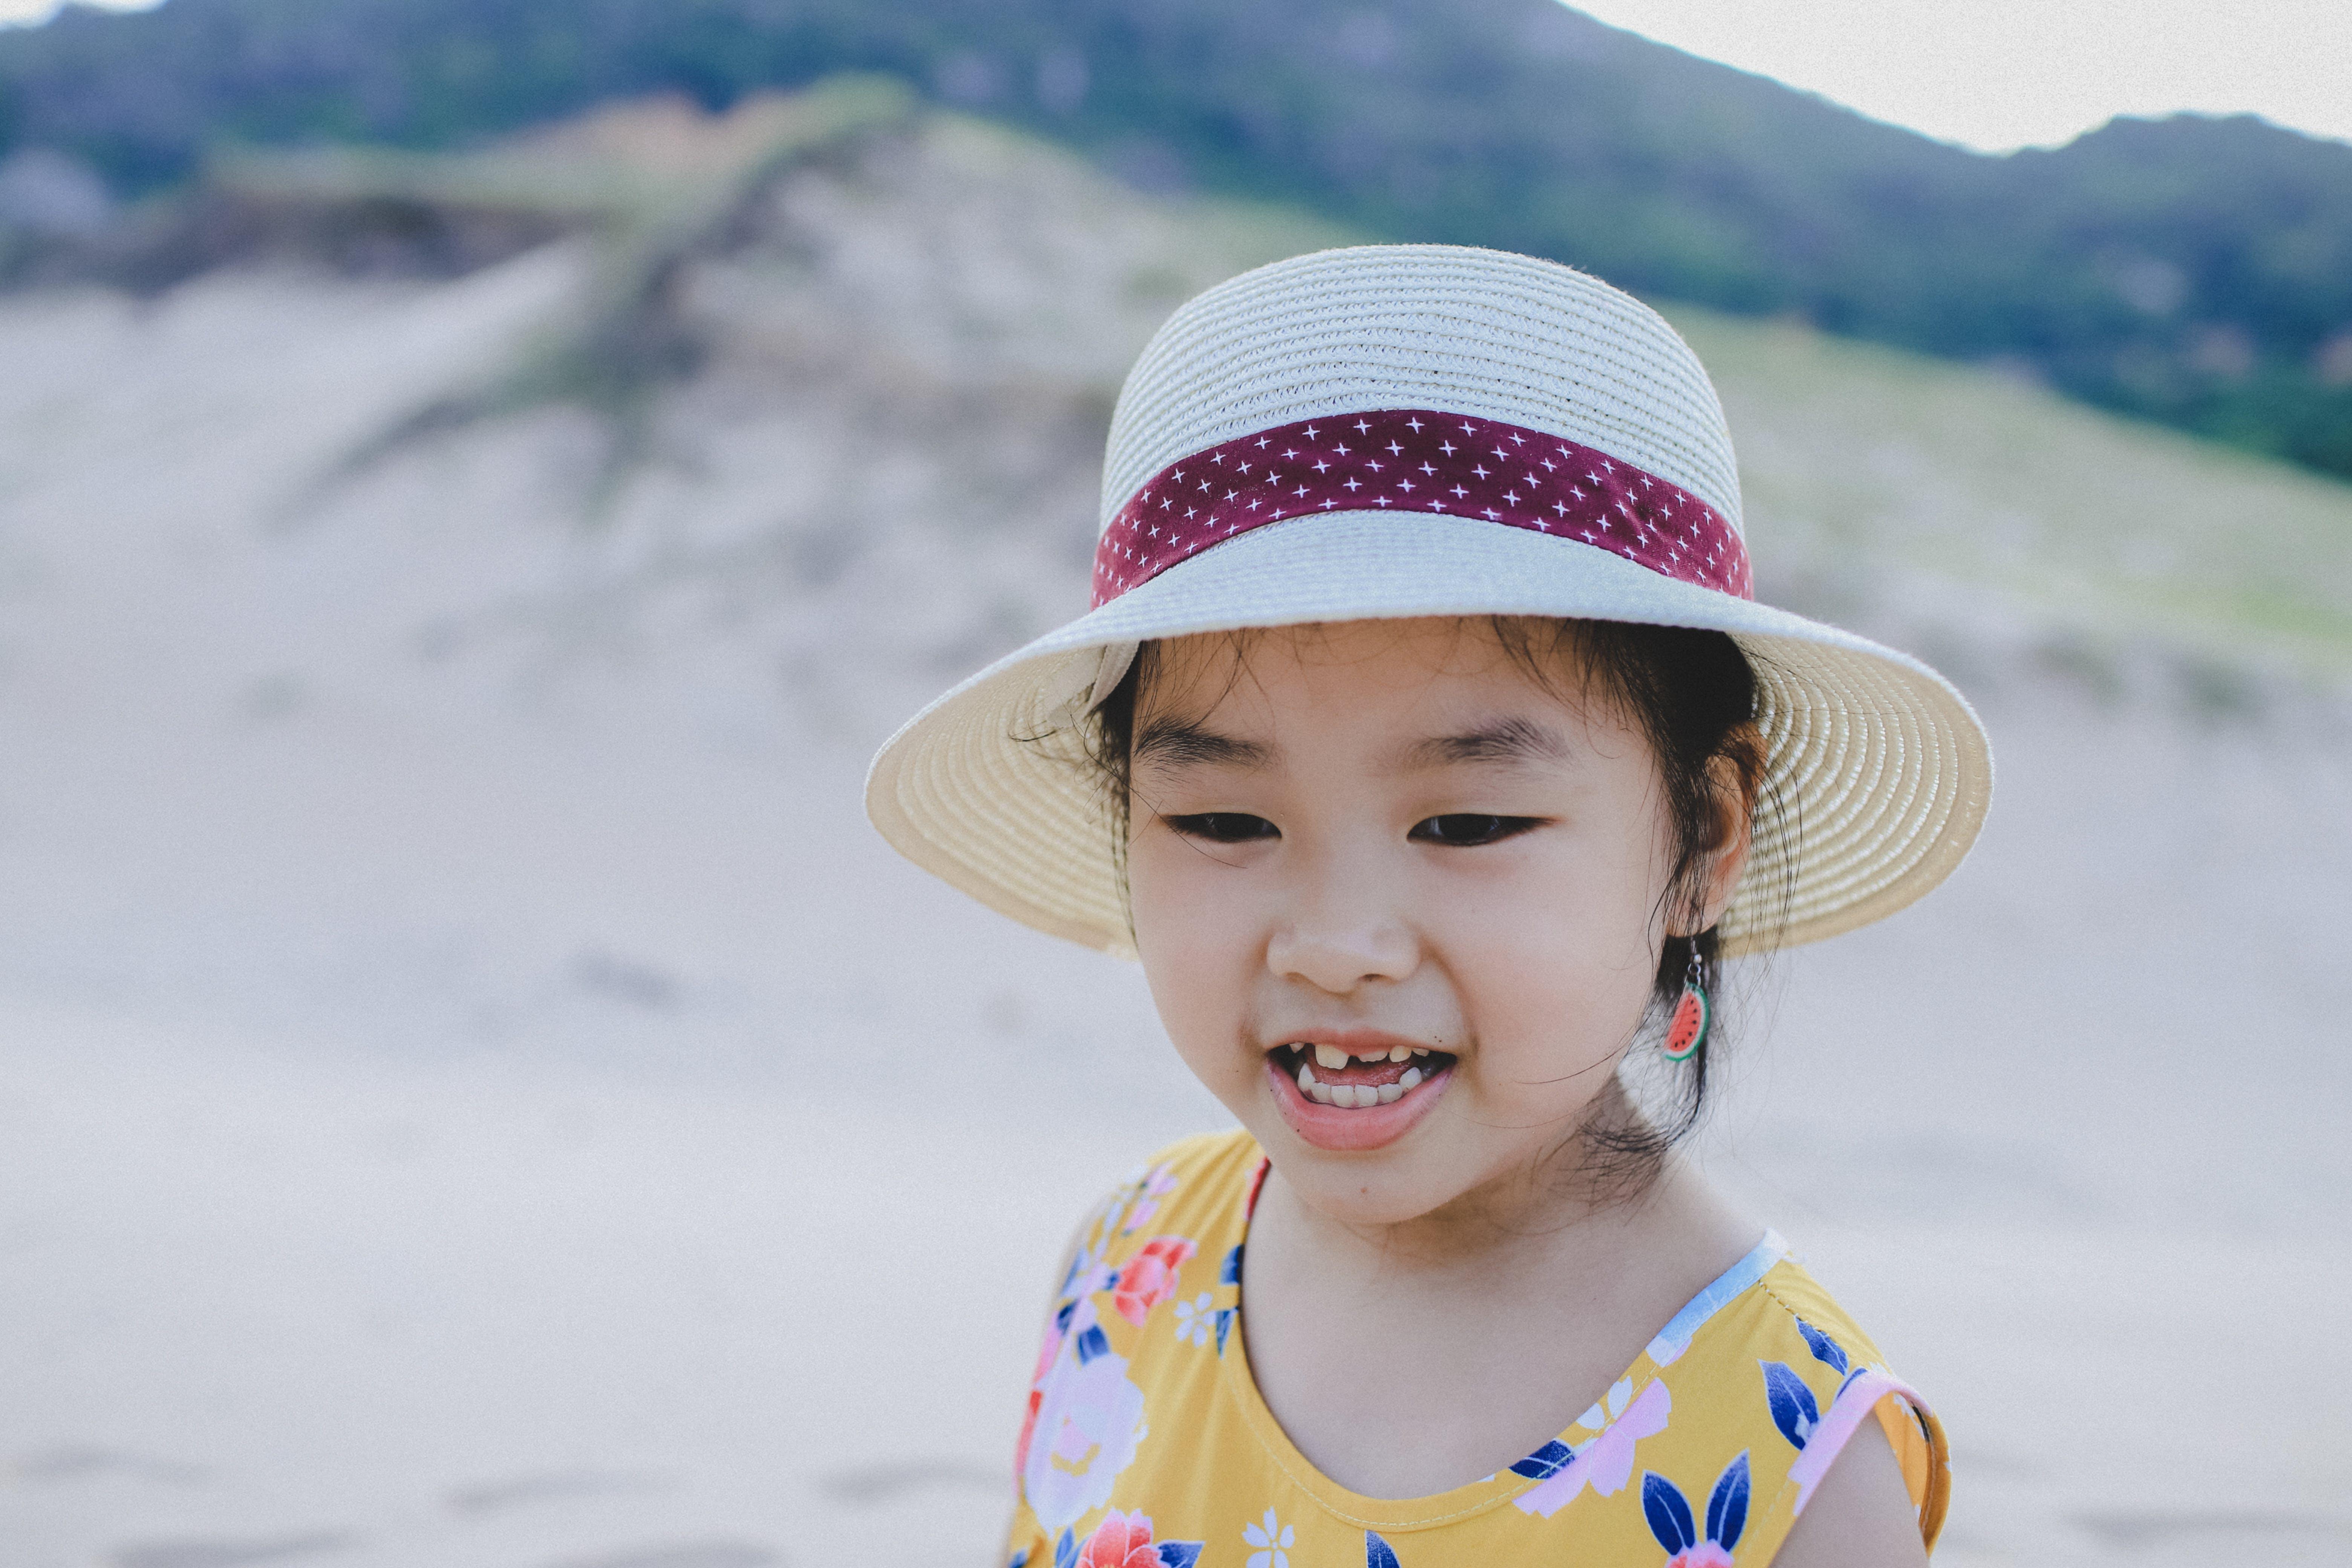 Girl Wearing White Hat Smiling